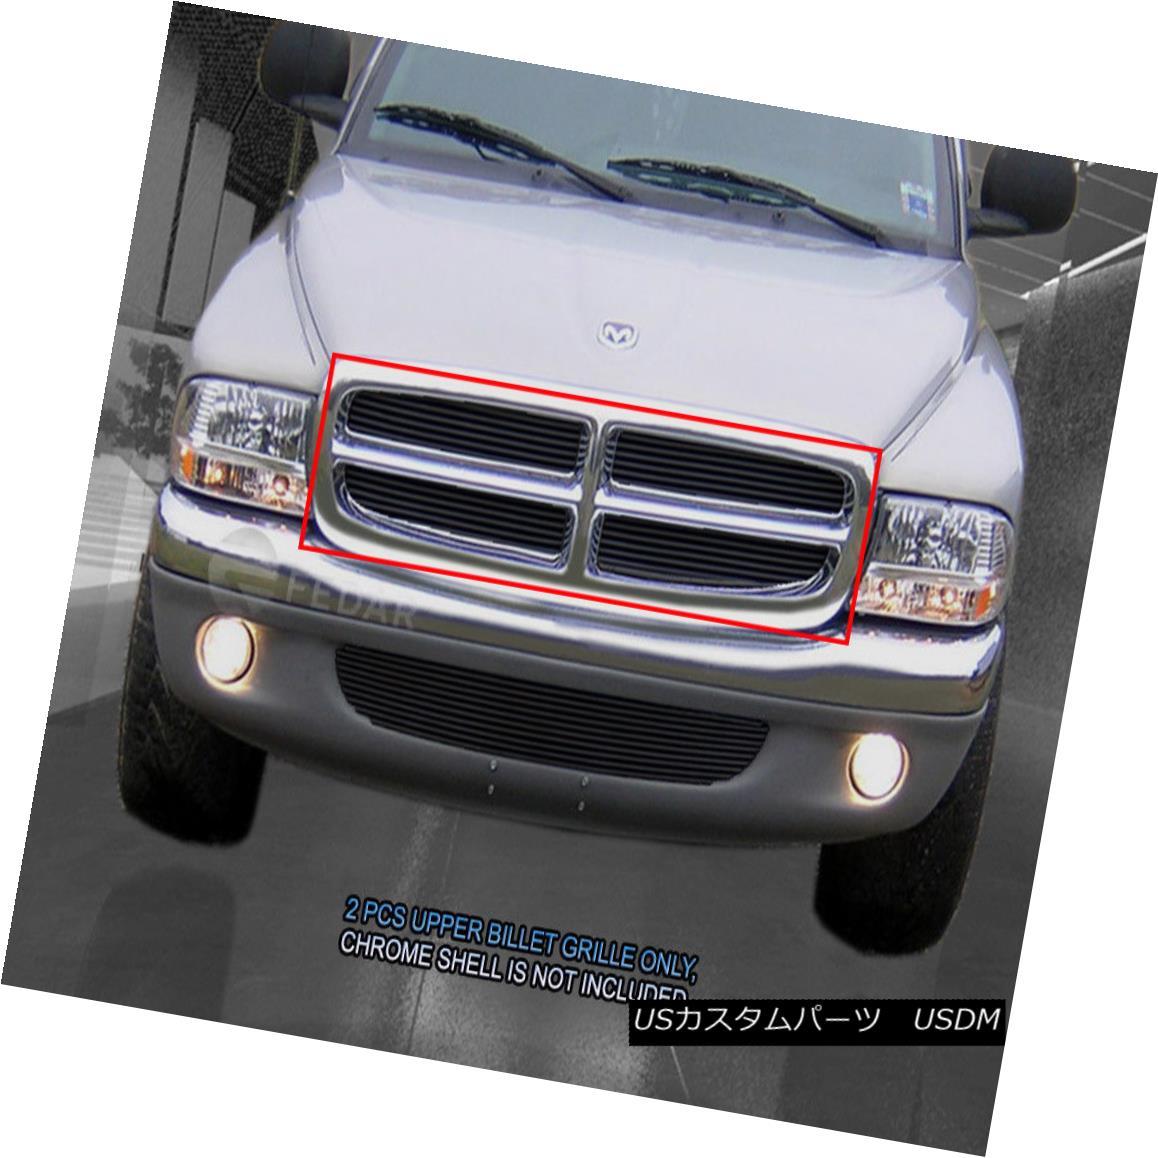 グリル 97-03 Dodge Durango 97-04 Dakota Black Billet Grille Grill Insert Fedar 97-03 Dodge Durango 97-04 Dakota Black BilletグリルグリルインサートFedar